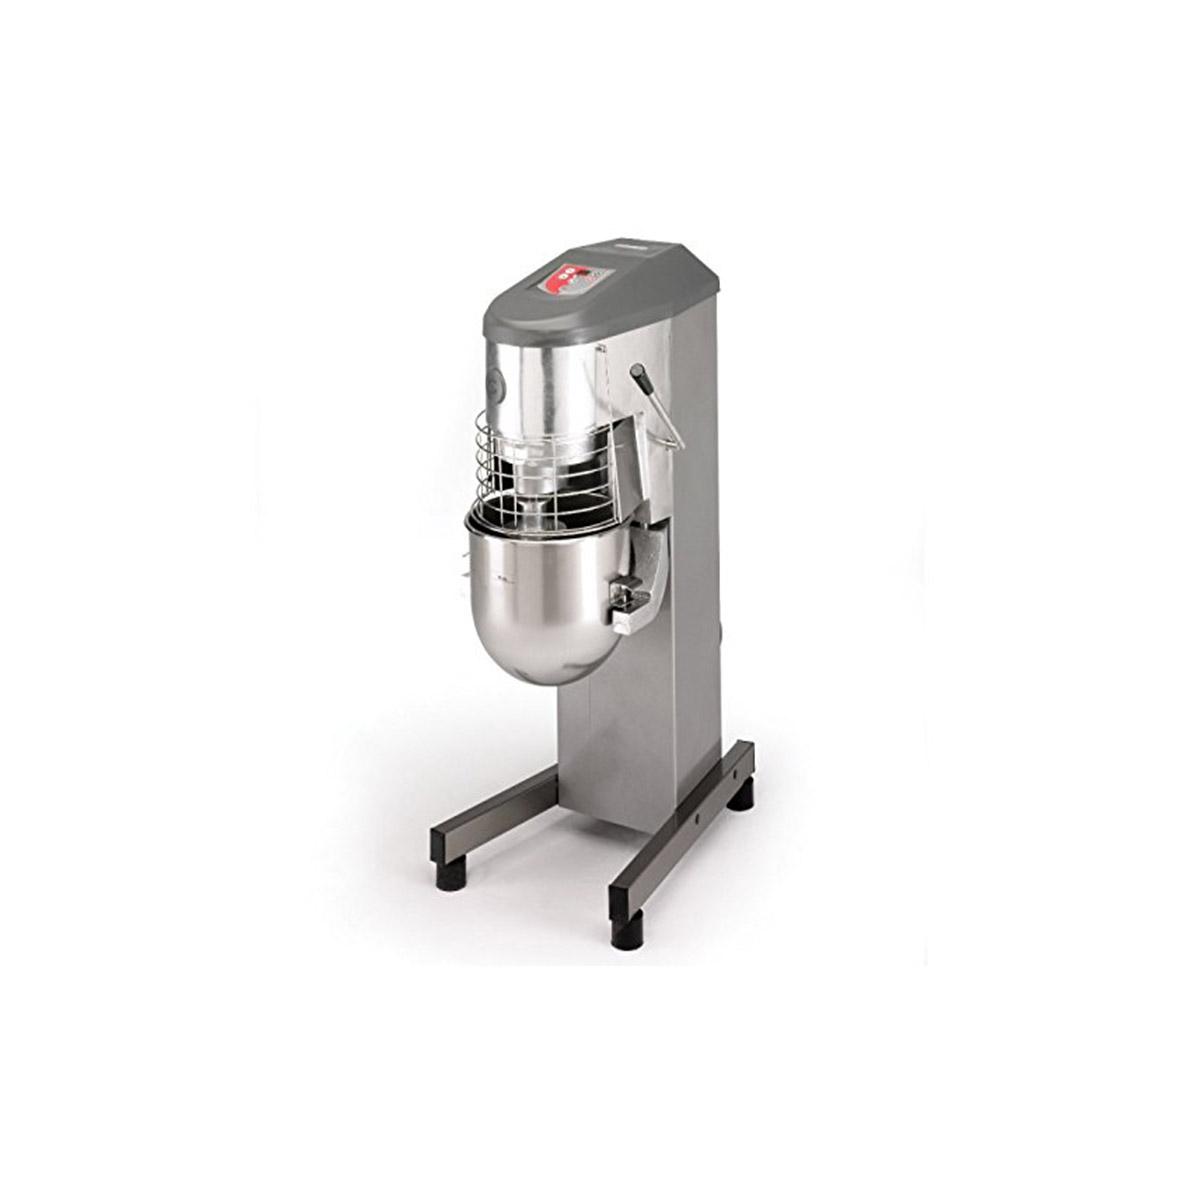 Sammic BE-20C Floor Standing Food Mixer